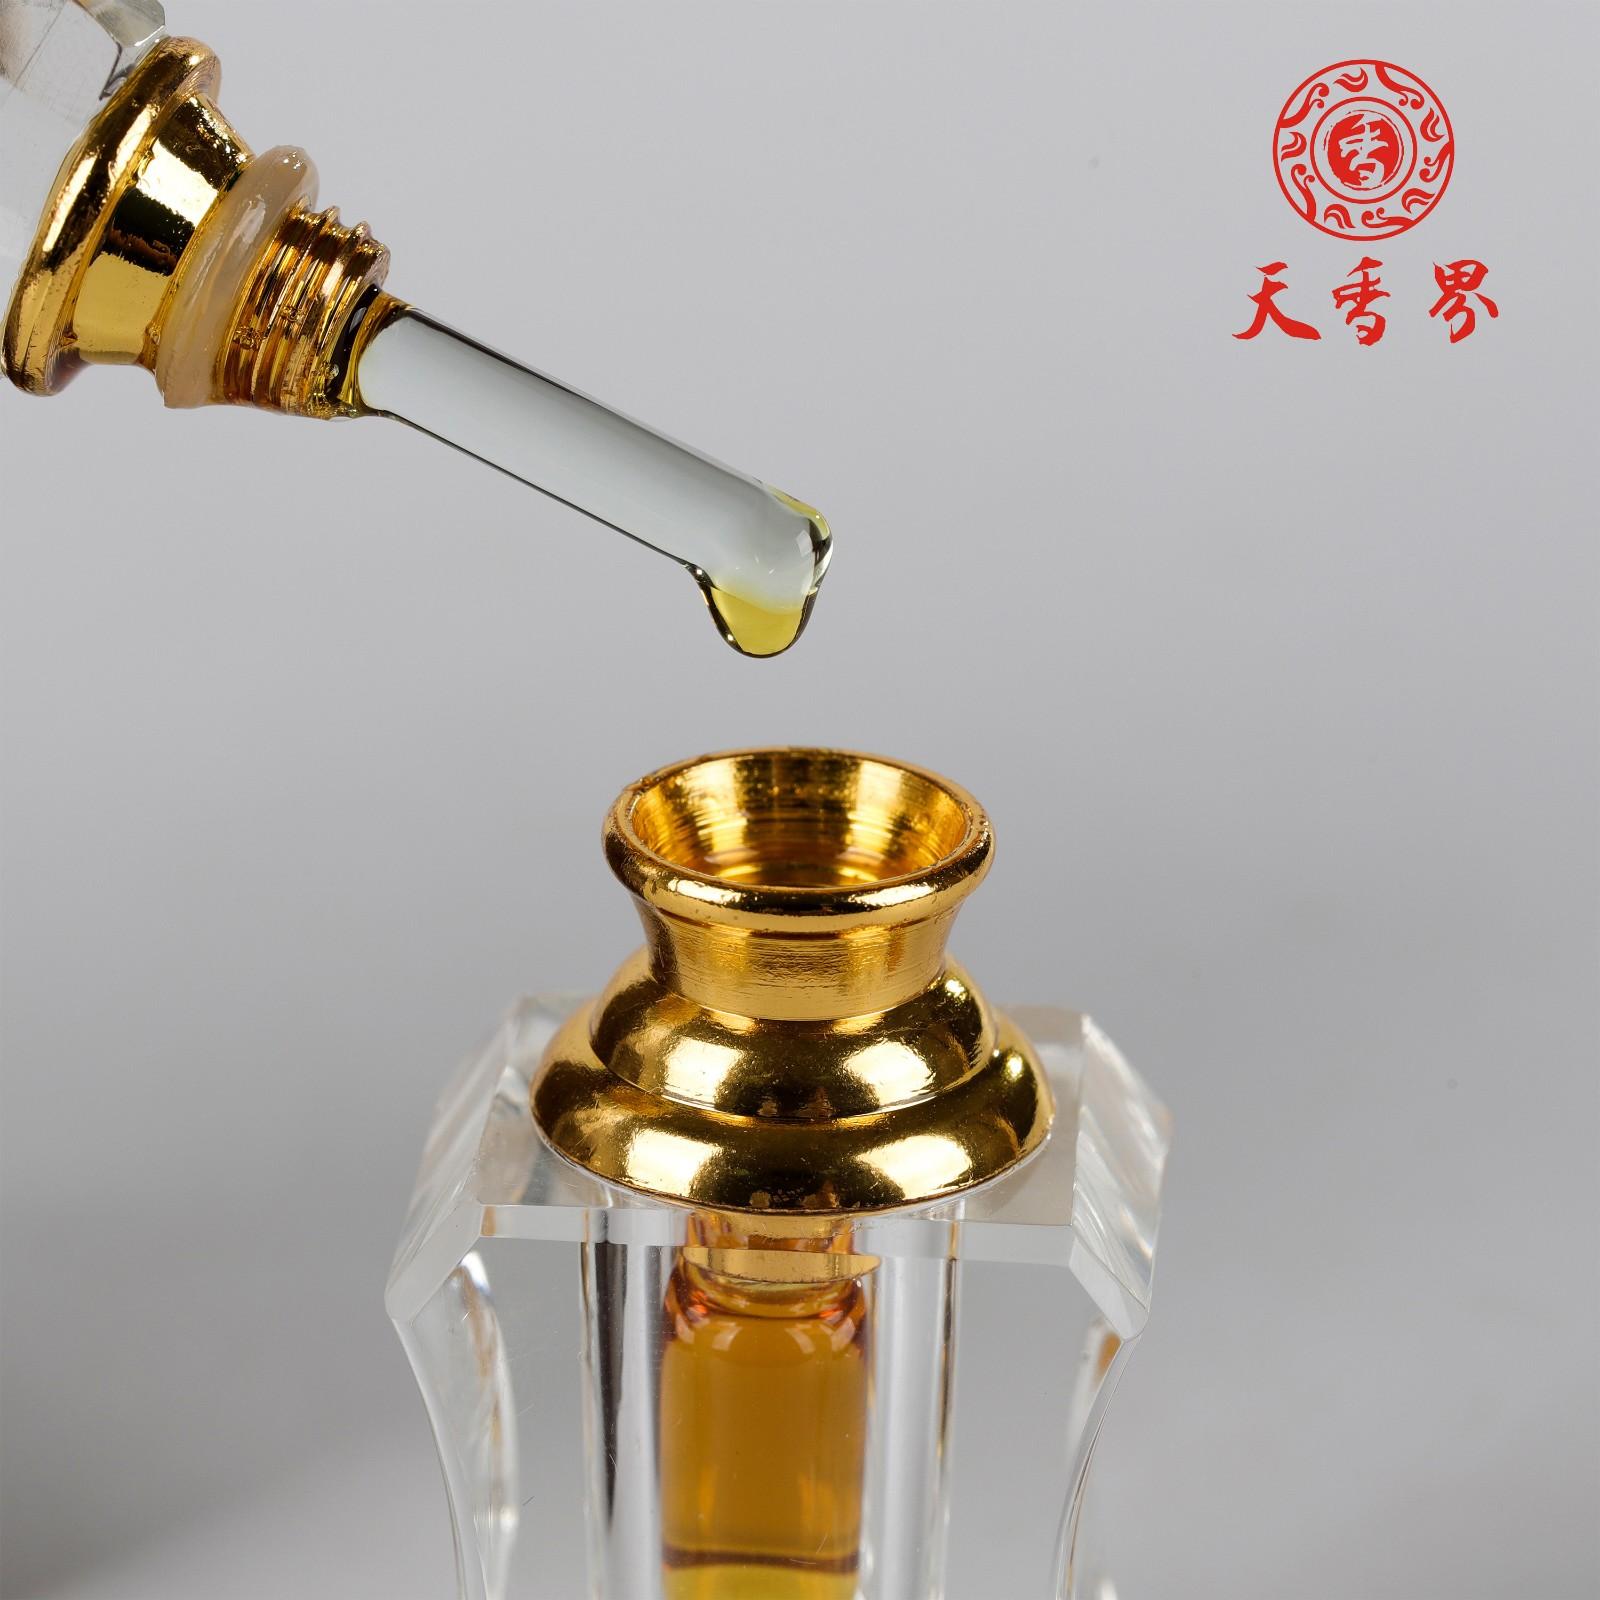 精彩:沉香在迪奥香水中起到如此大的效用